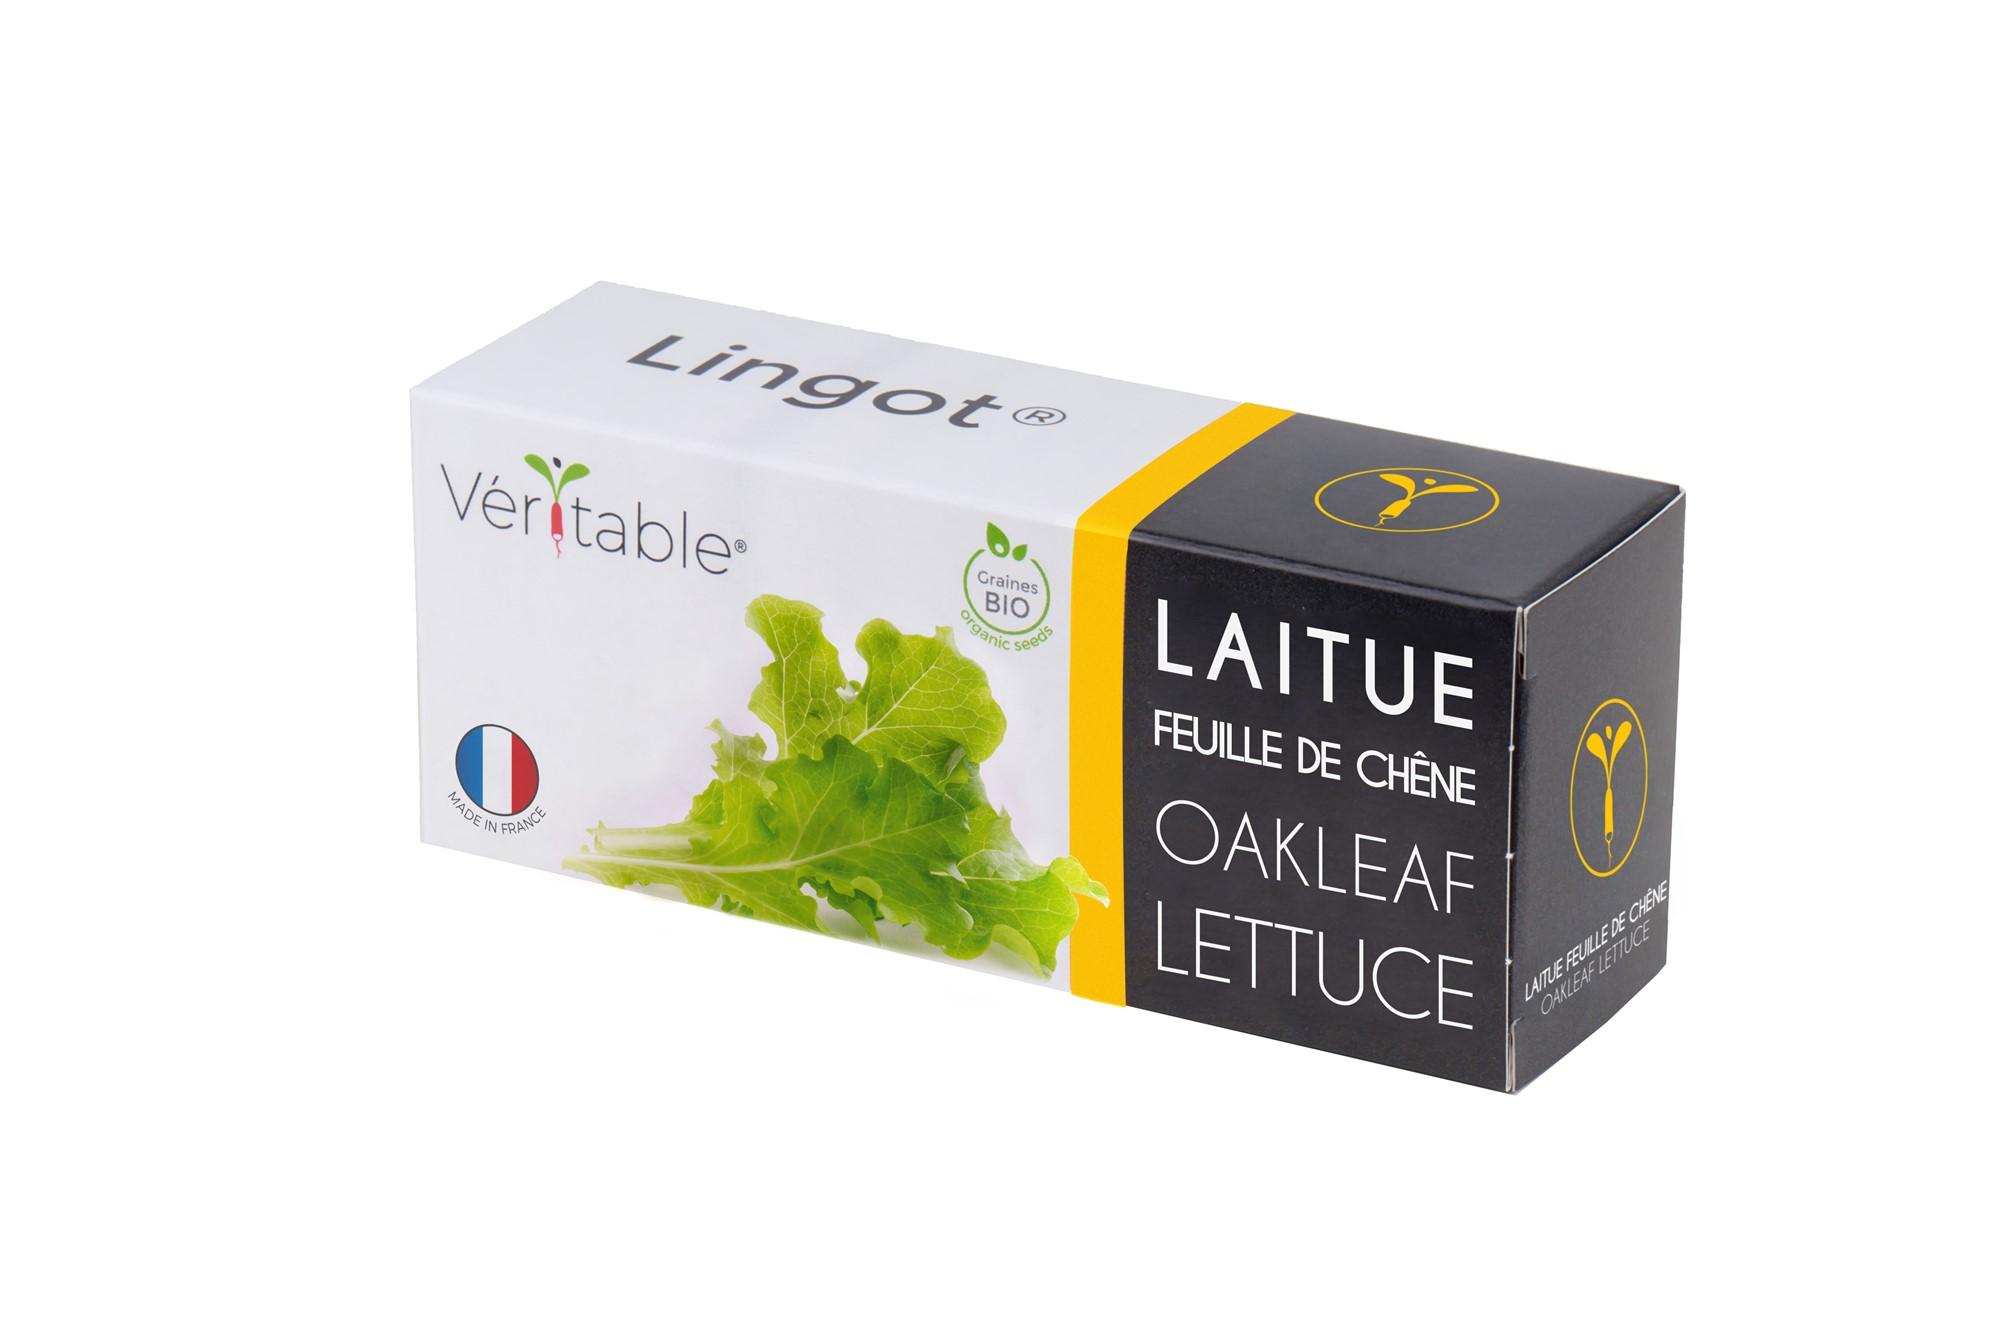 Lingot® Laitue Feuille de Chêne BIO compatible potager Véritable®